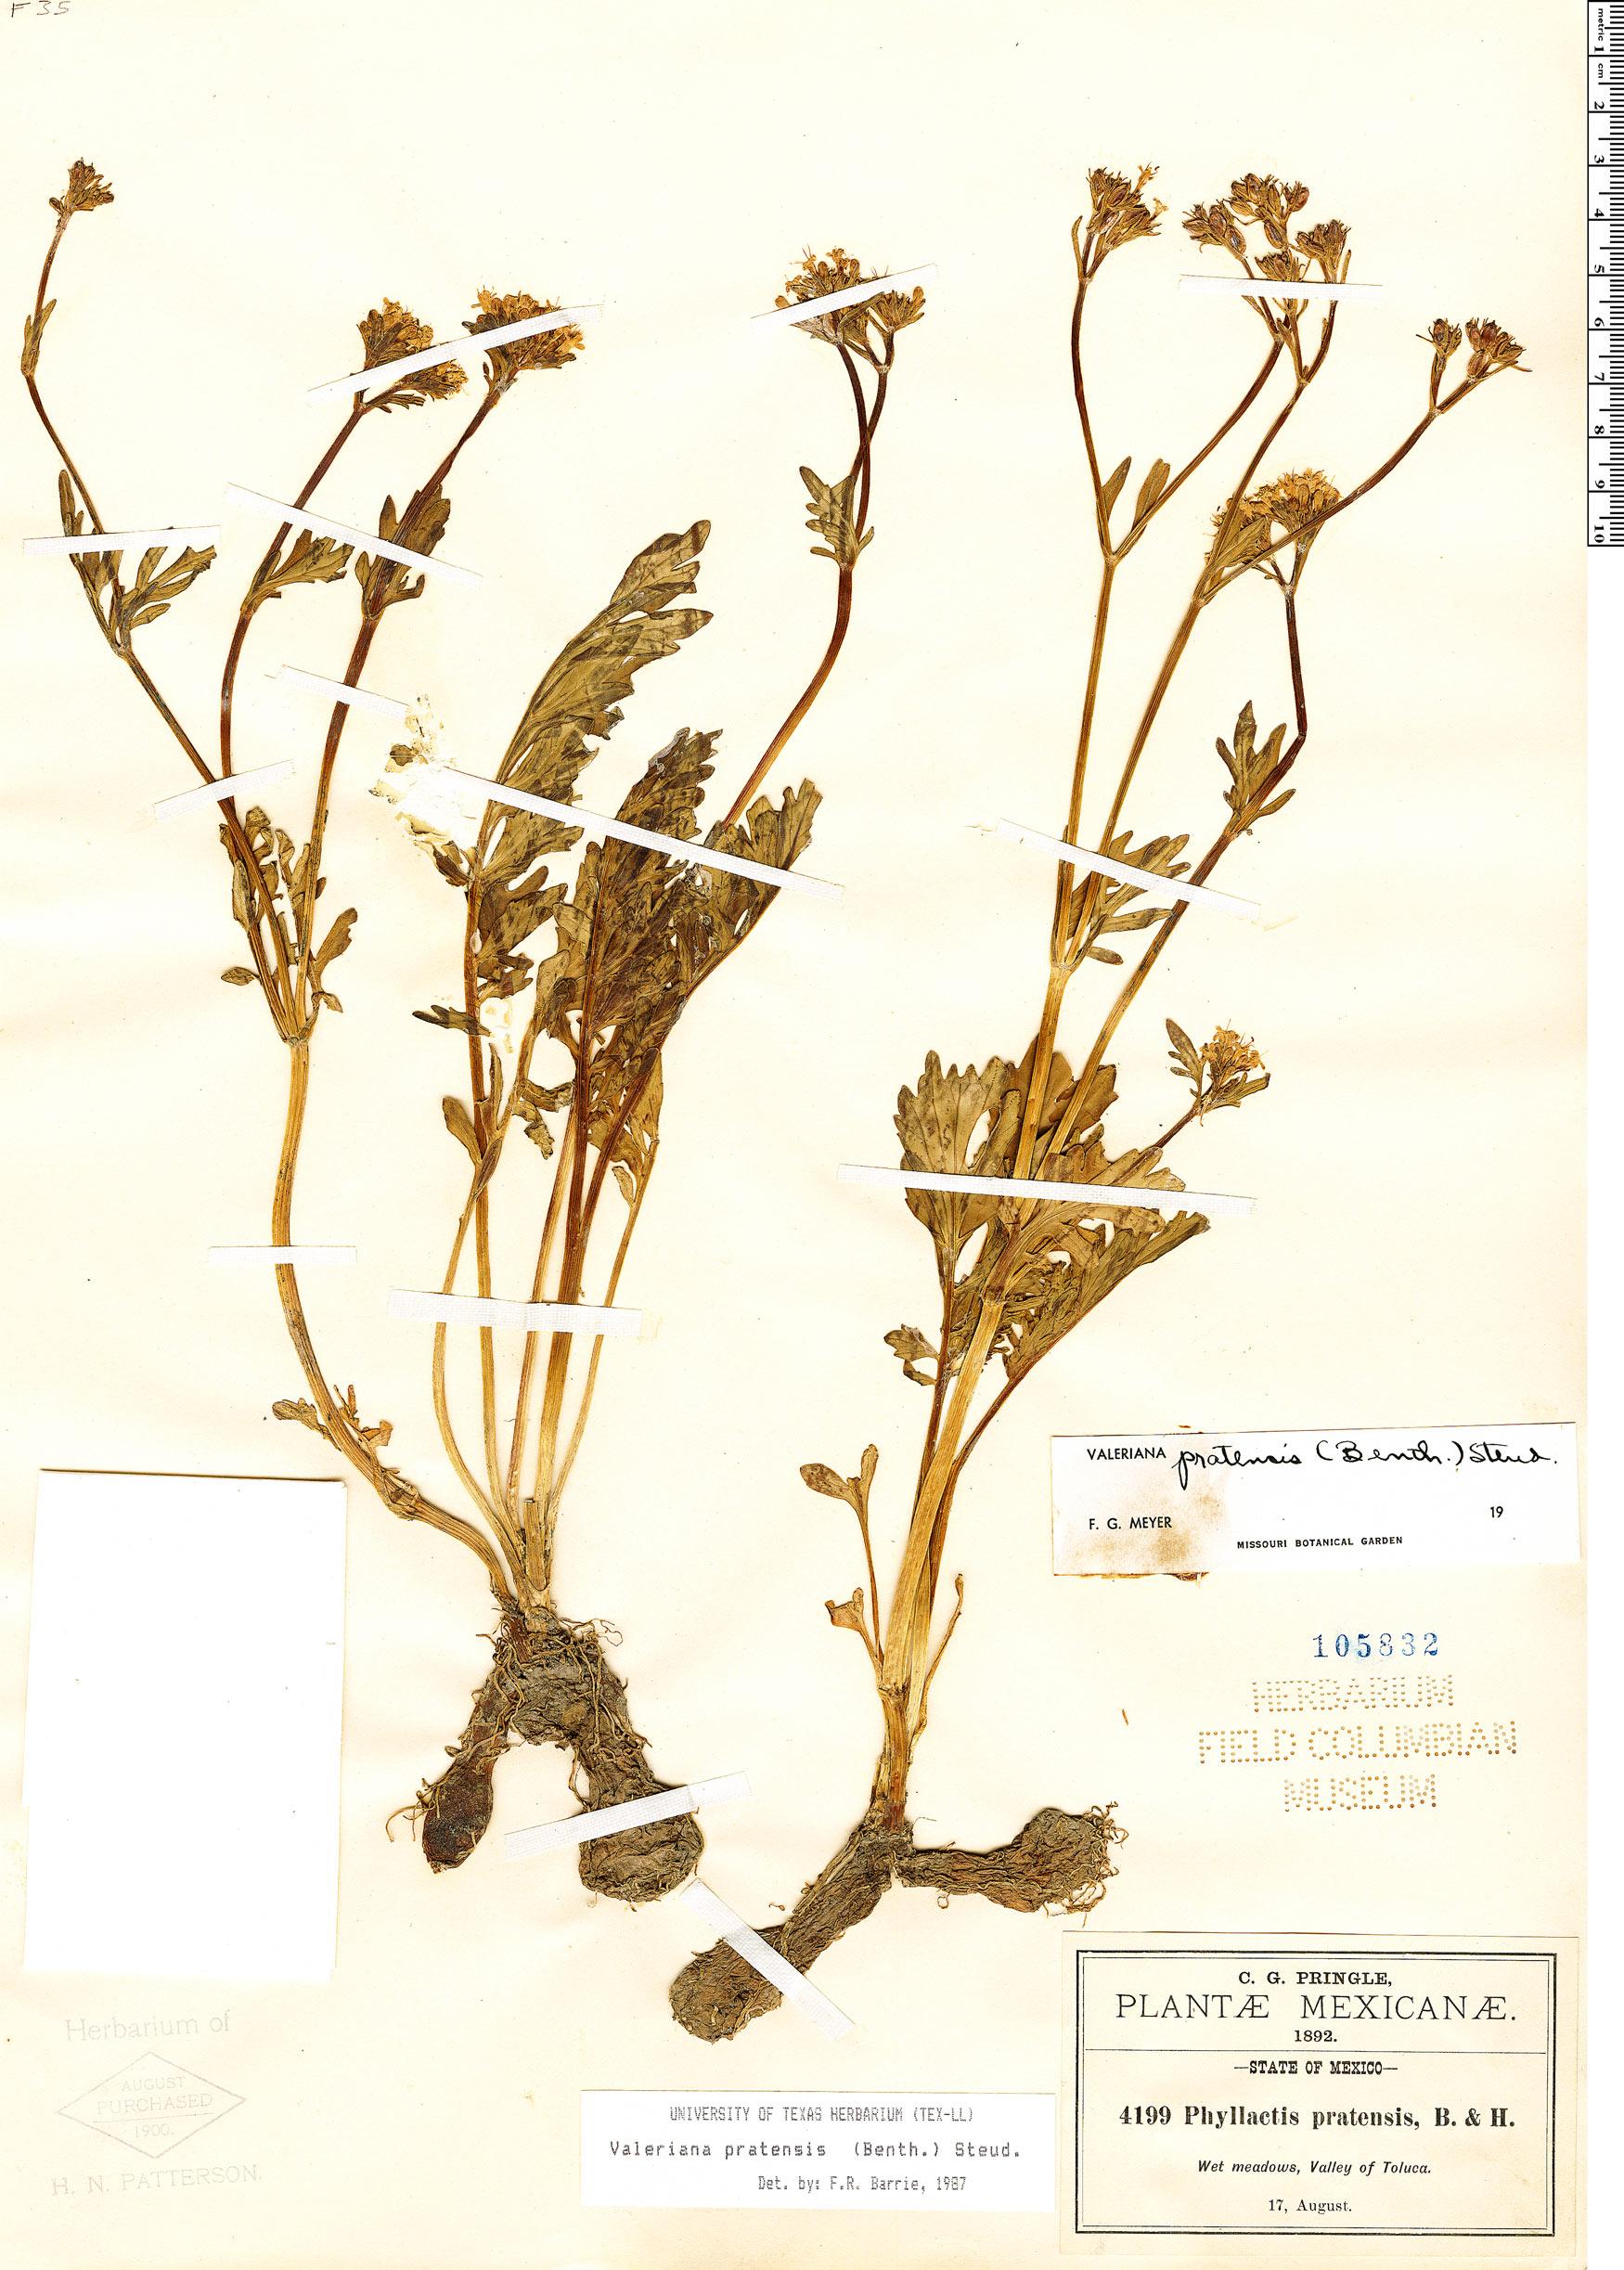 Specimen: Valeriana pratensis